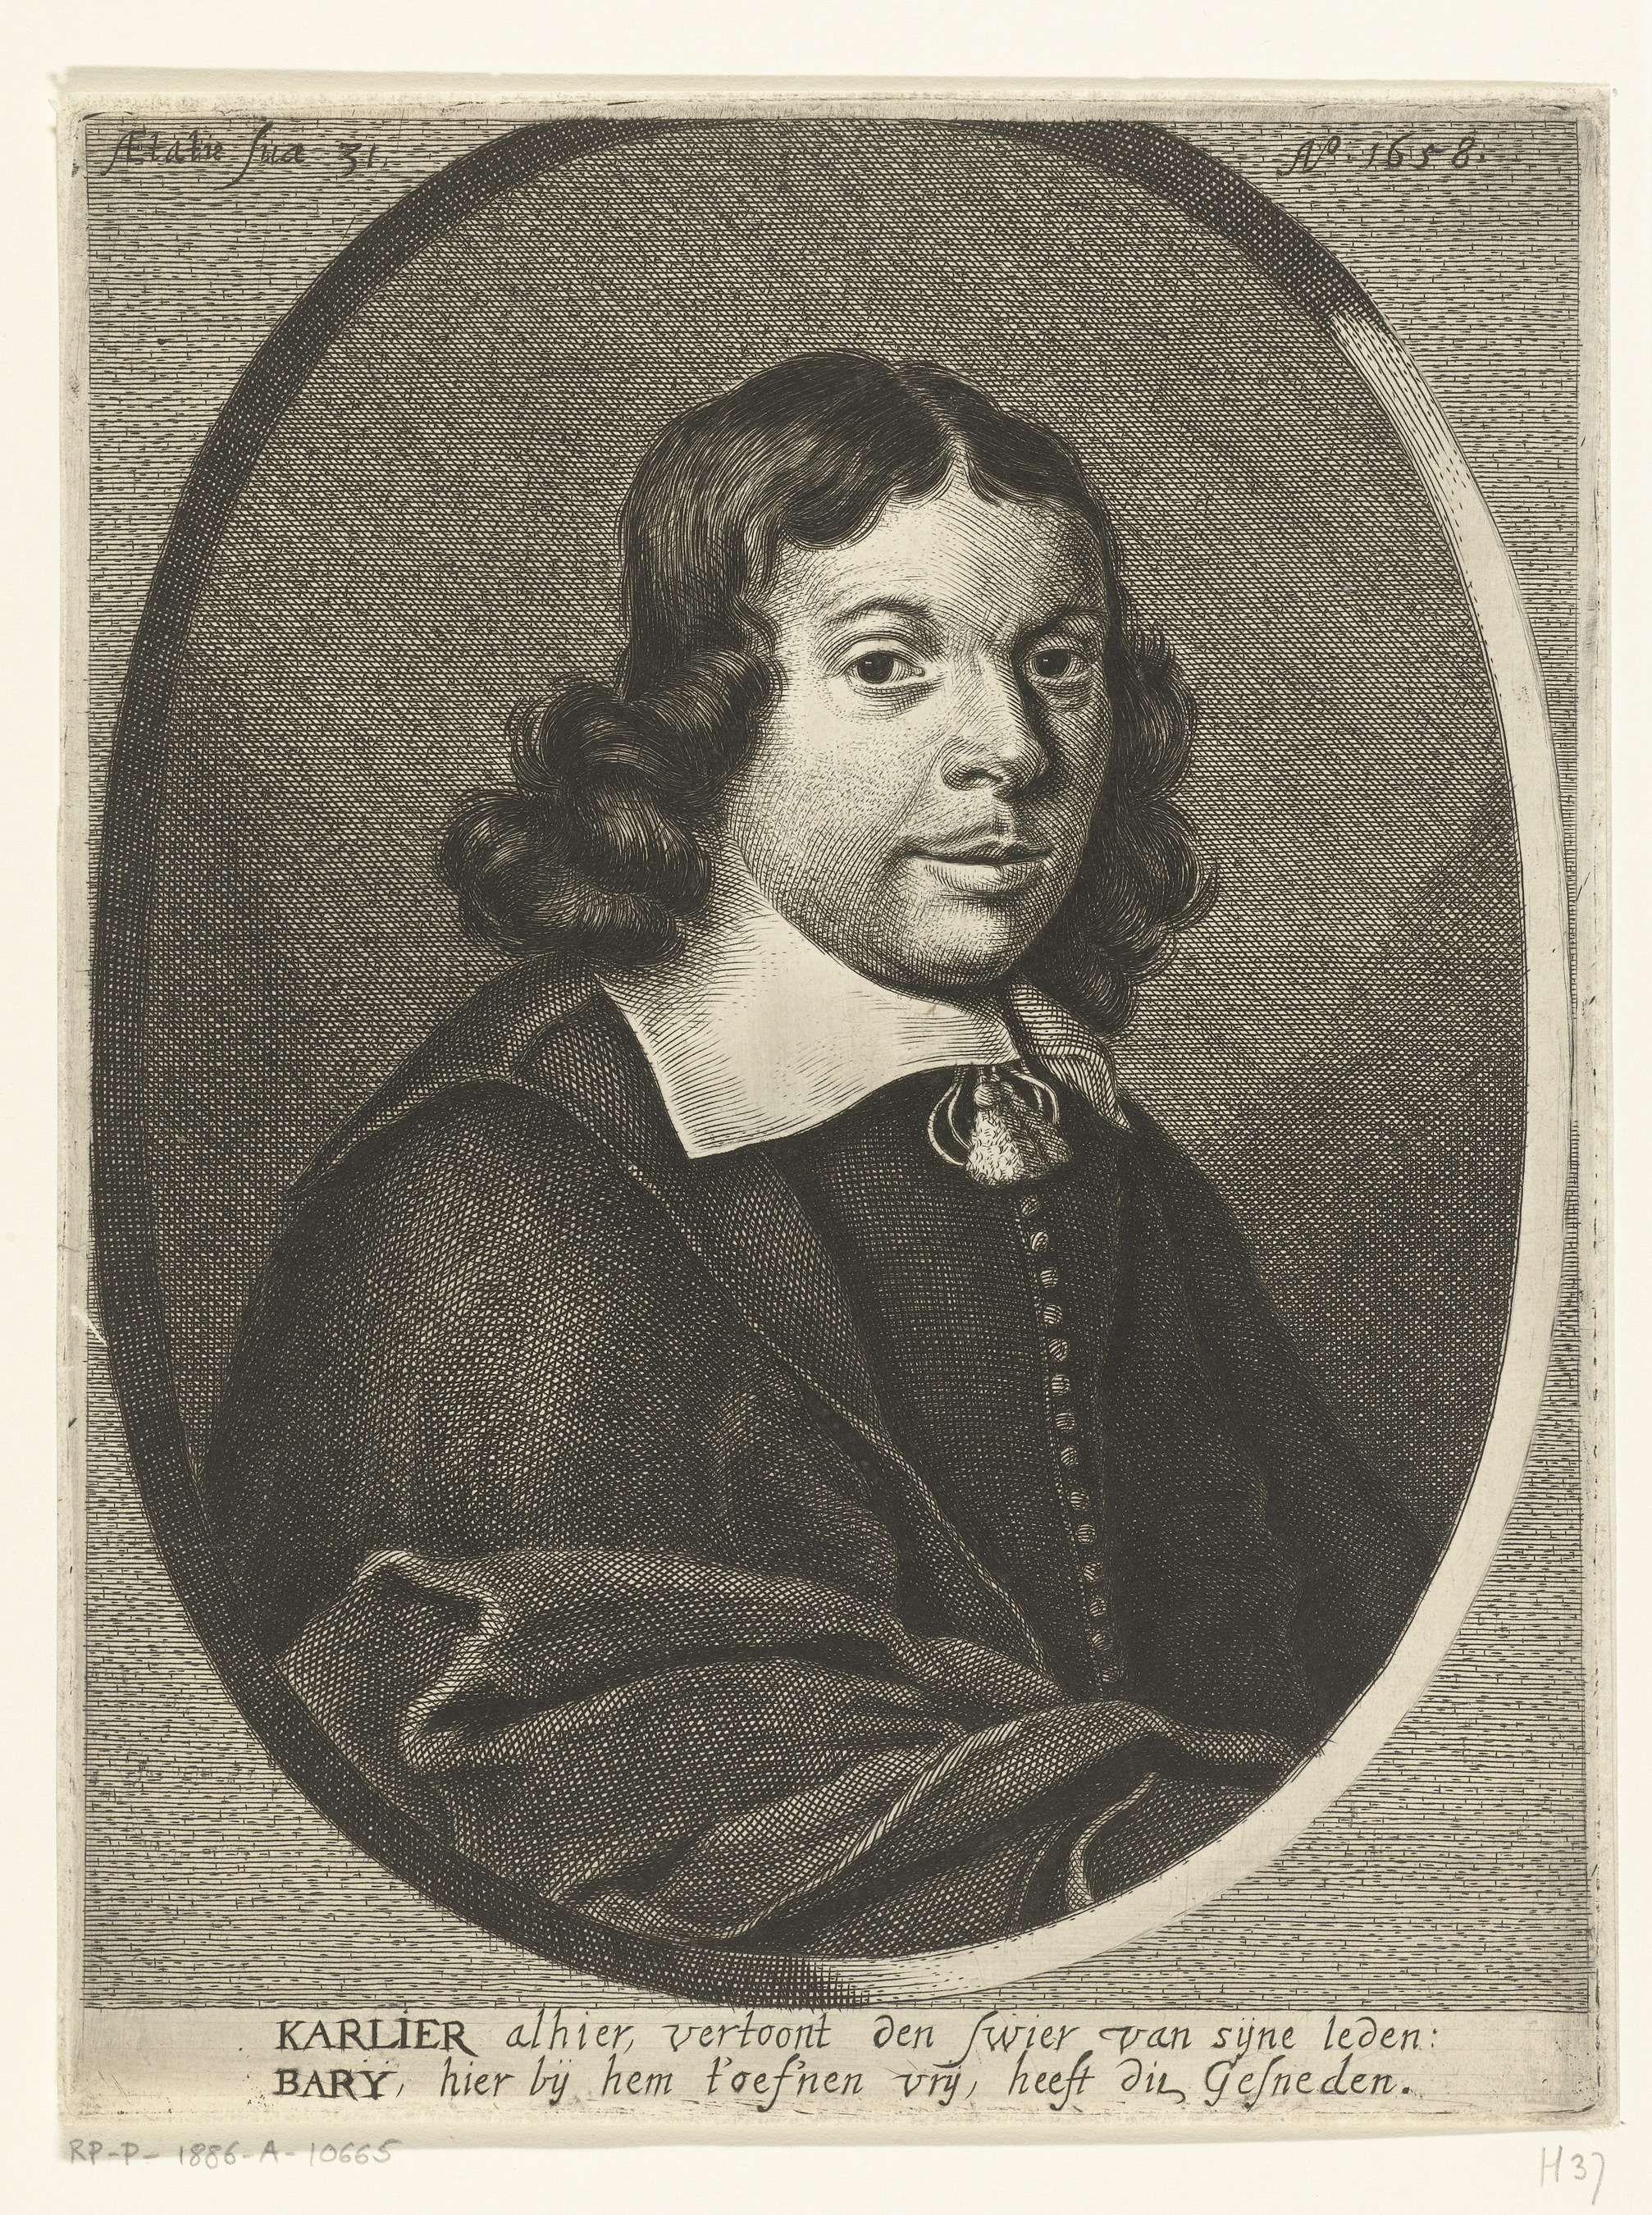 Hendrik Bary | Portret van Aernout Carlier, Hendrik Bary, 1658 - 1660 | Borstbeeld van Aernout Carlier op 31-jarige leeftijd in ovaal. Met een onderschrift van twee regels in het Nederlands.